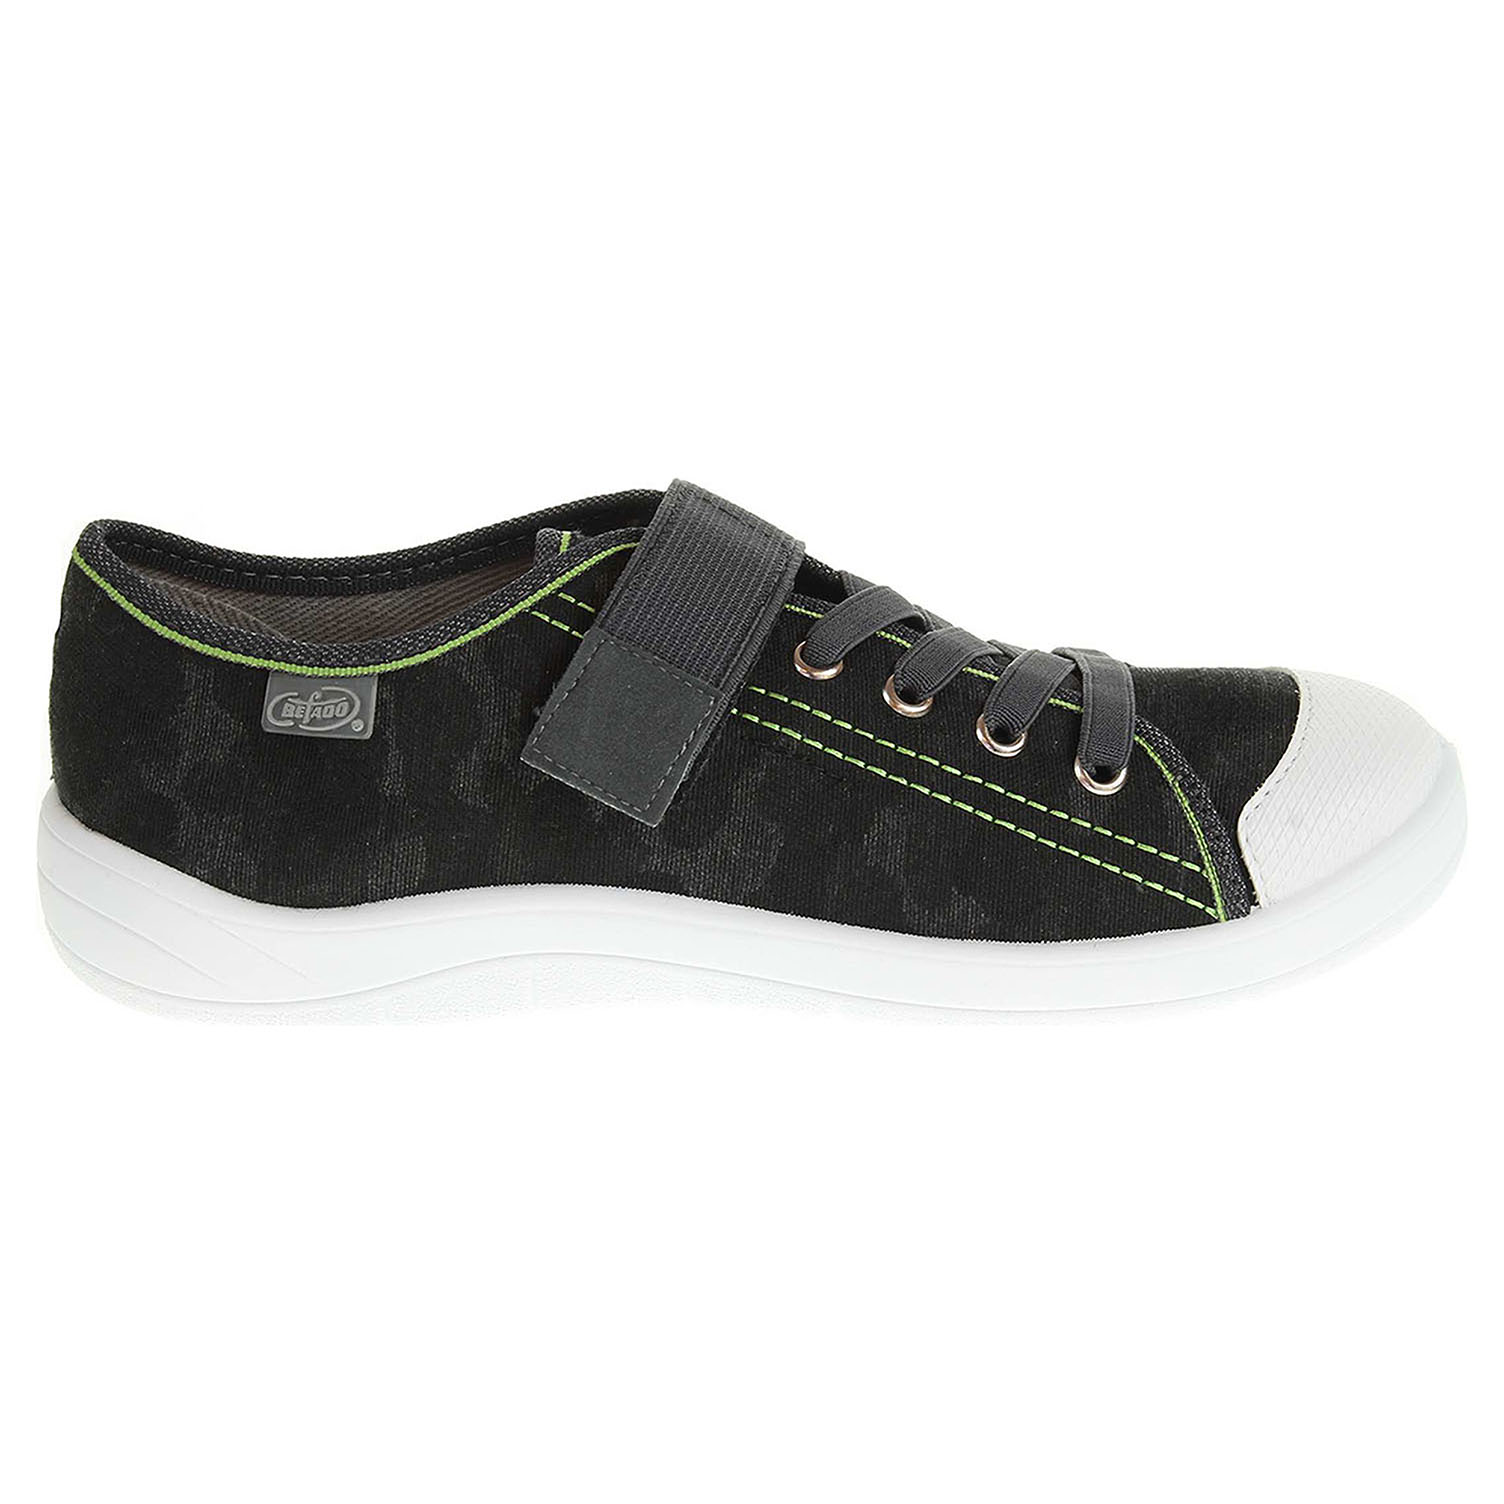 Ecco Befado chlapecká obuv 251Q056 černá 29700080